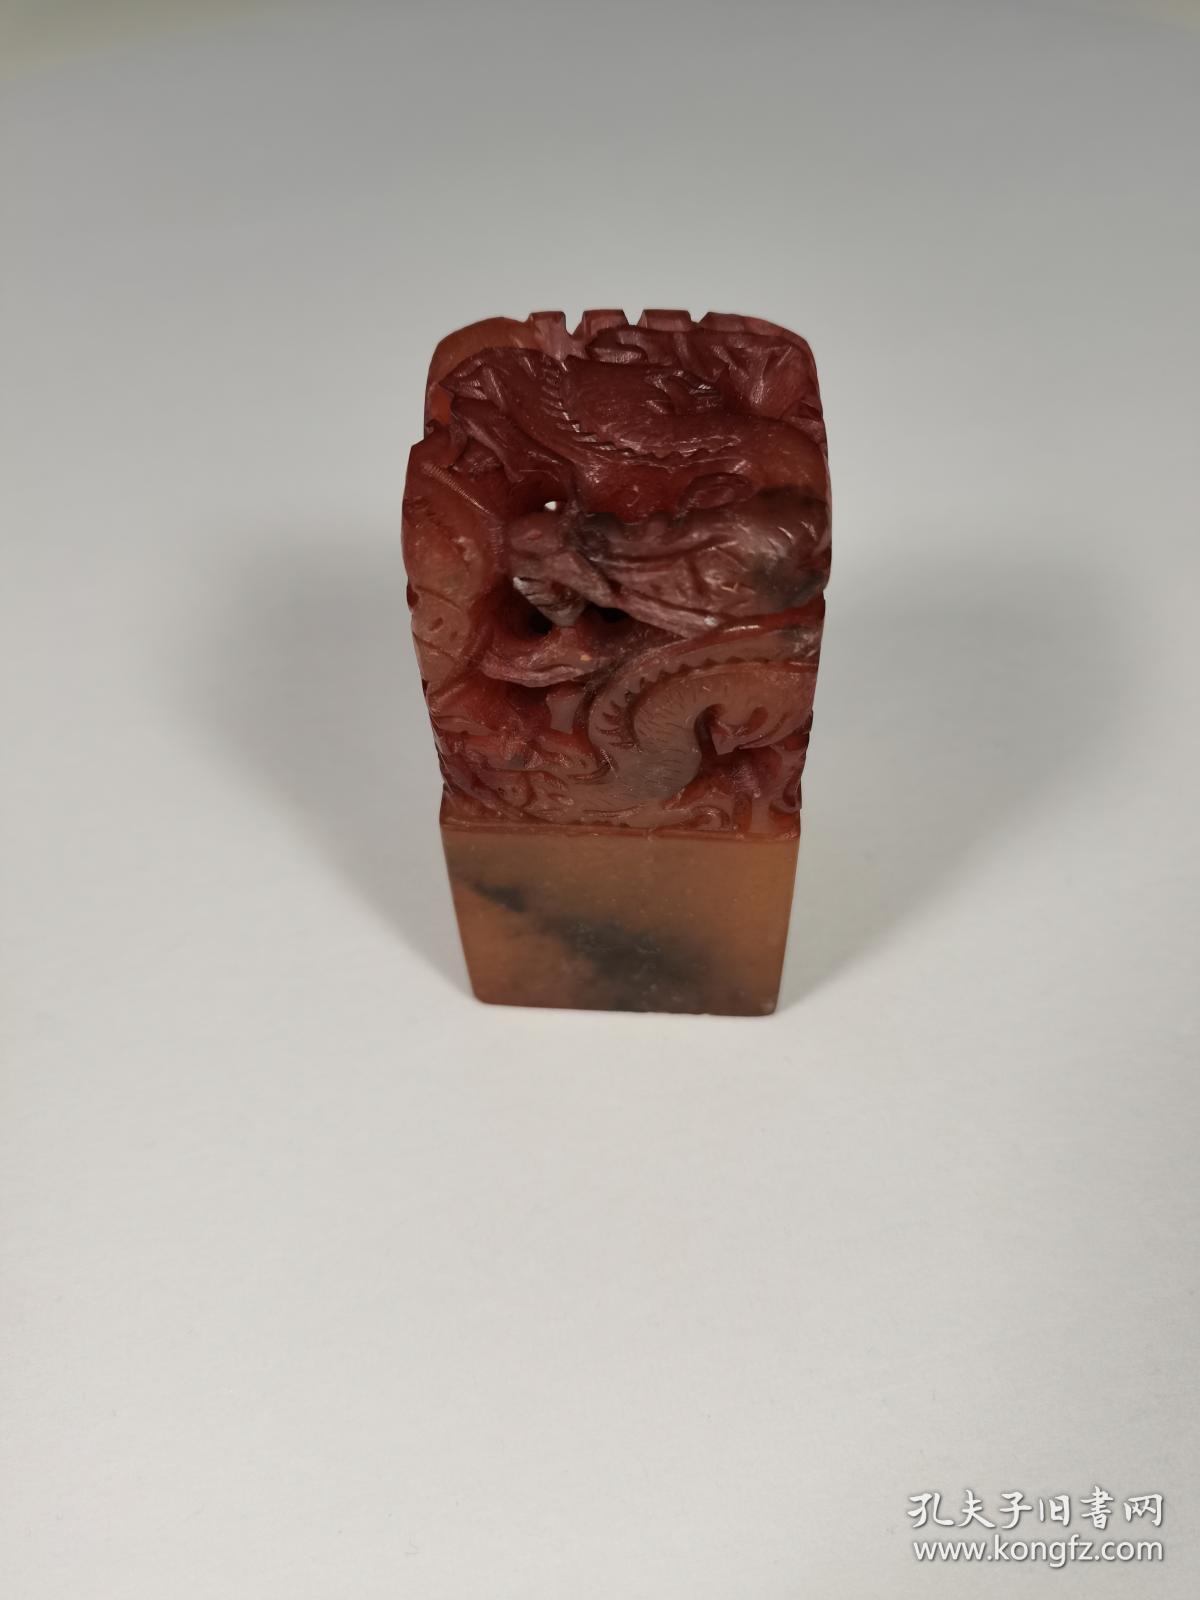 寿山石仿古印章 雕工精美 尺寸:4cm*4cm*8cm